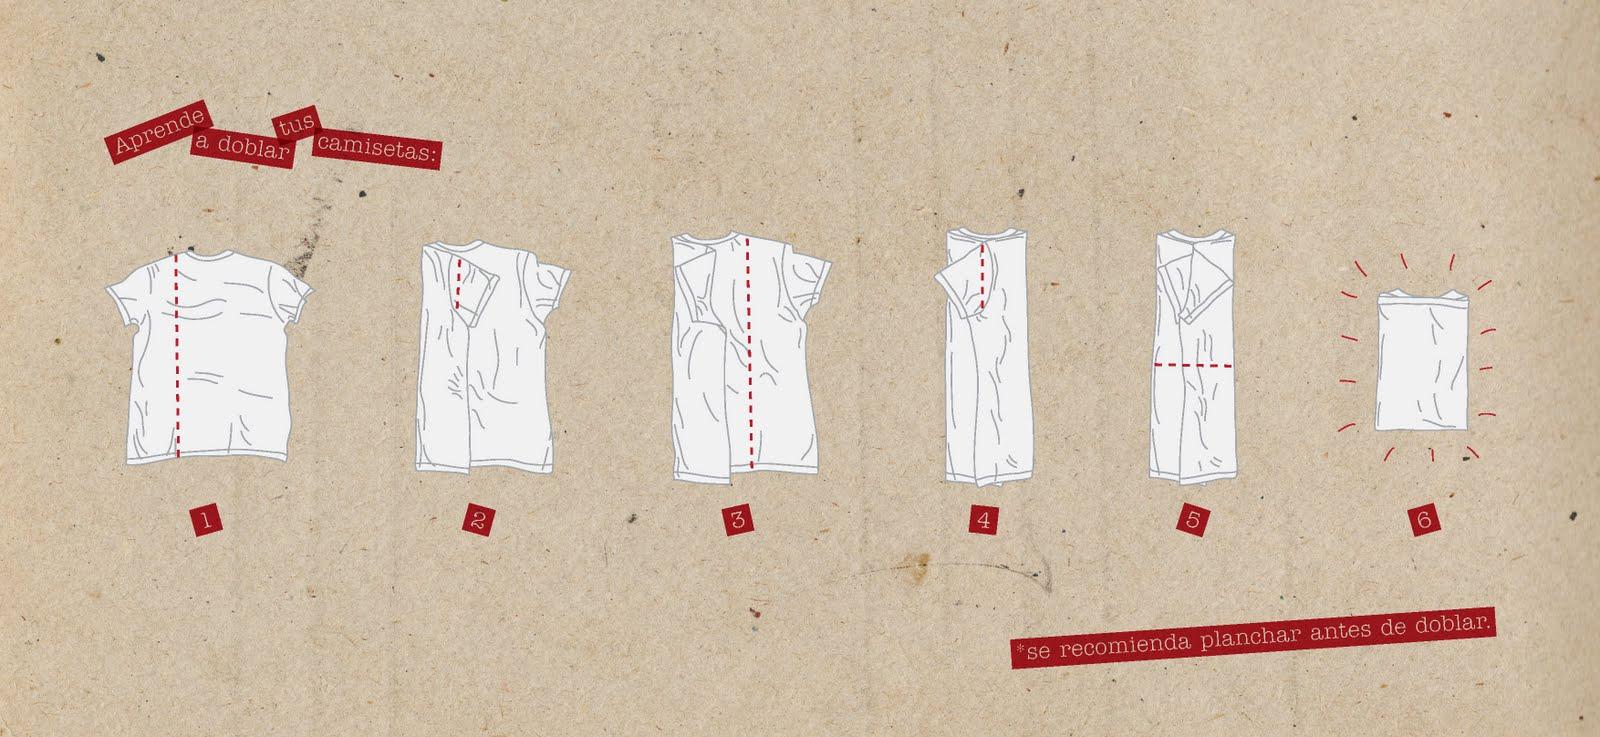 chemilustración  Ejercicio 5 - Manual de instrucciones fec62c05c6380